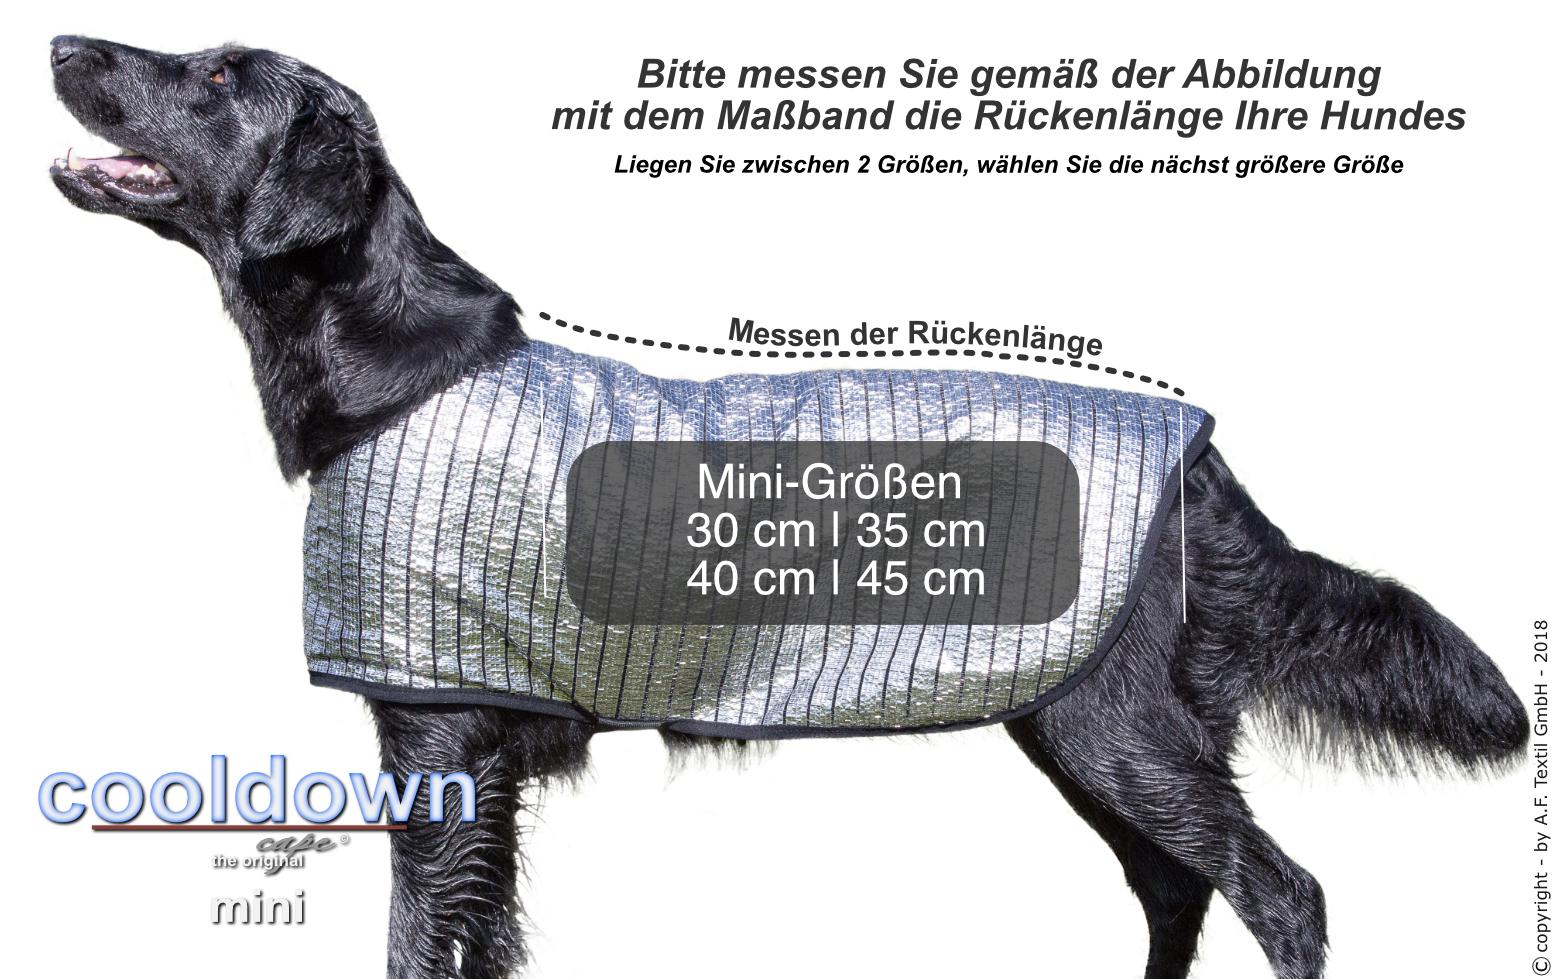 cooldown-cape-mini-gr-ssenfindung-deutsch